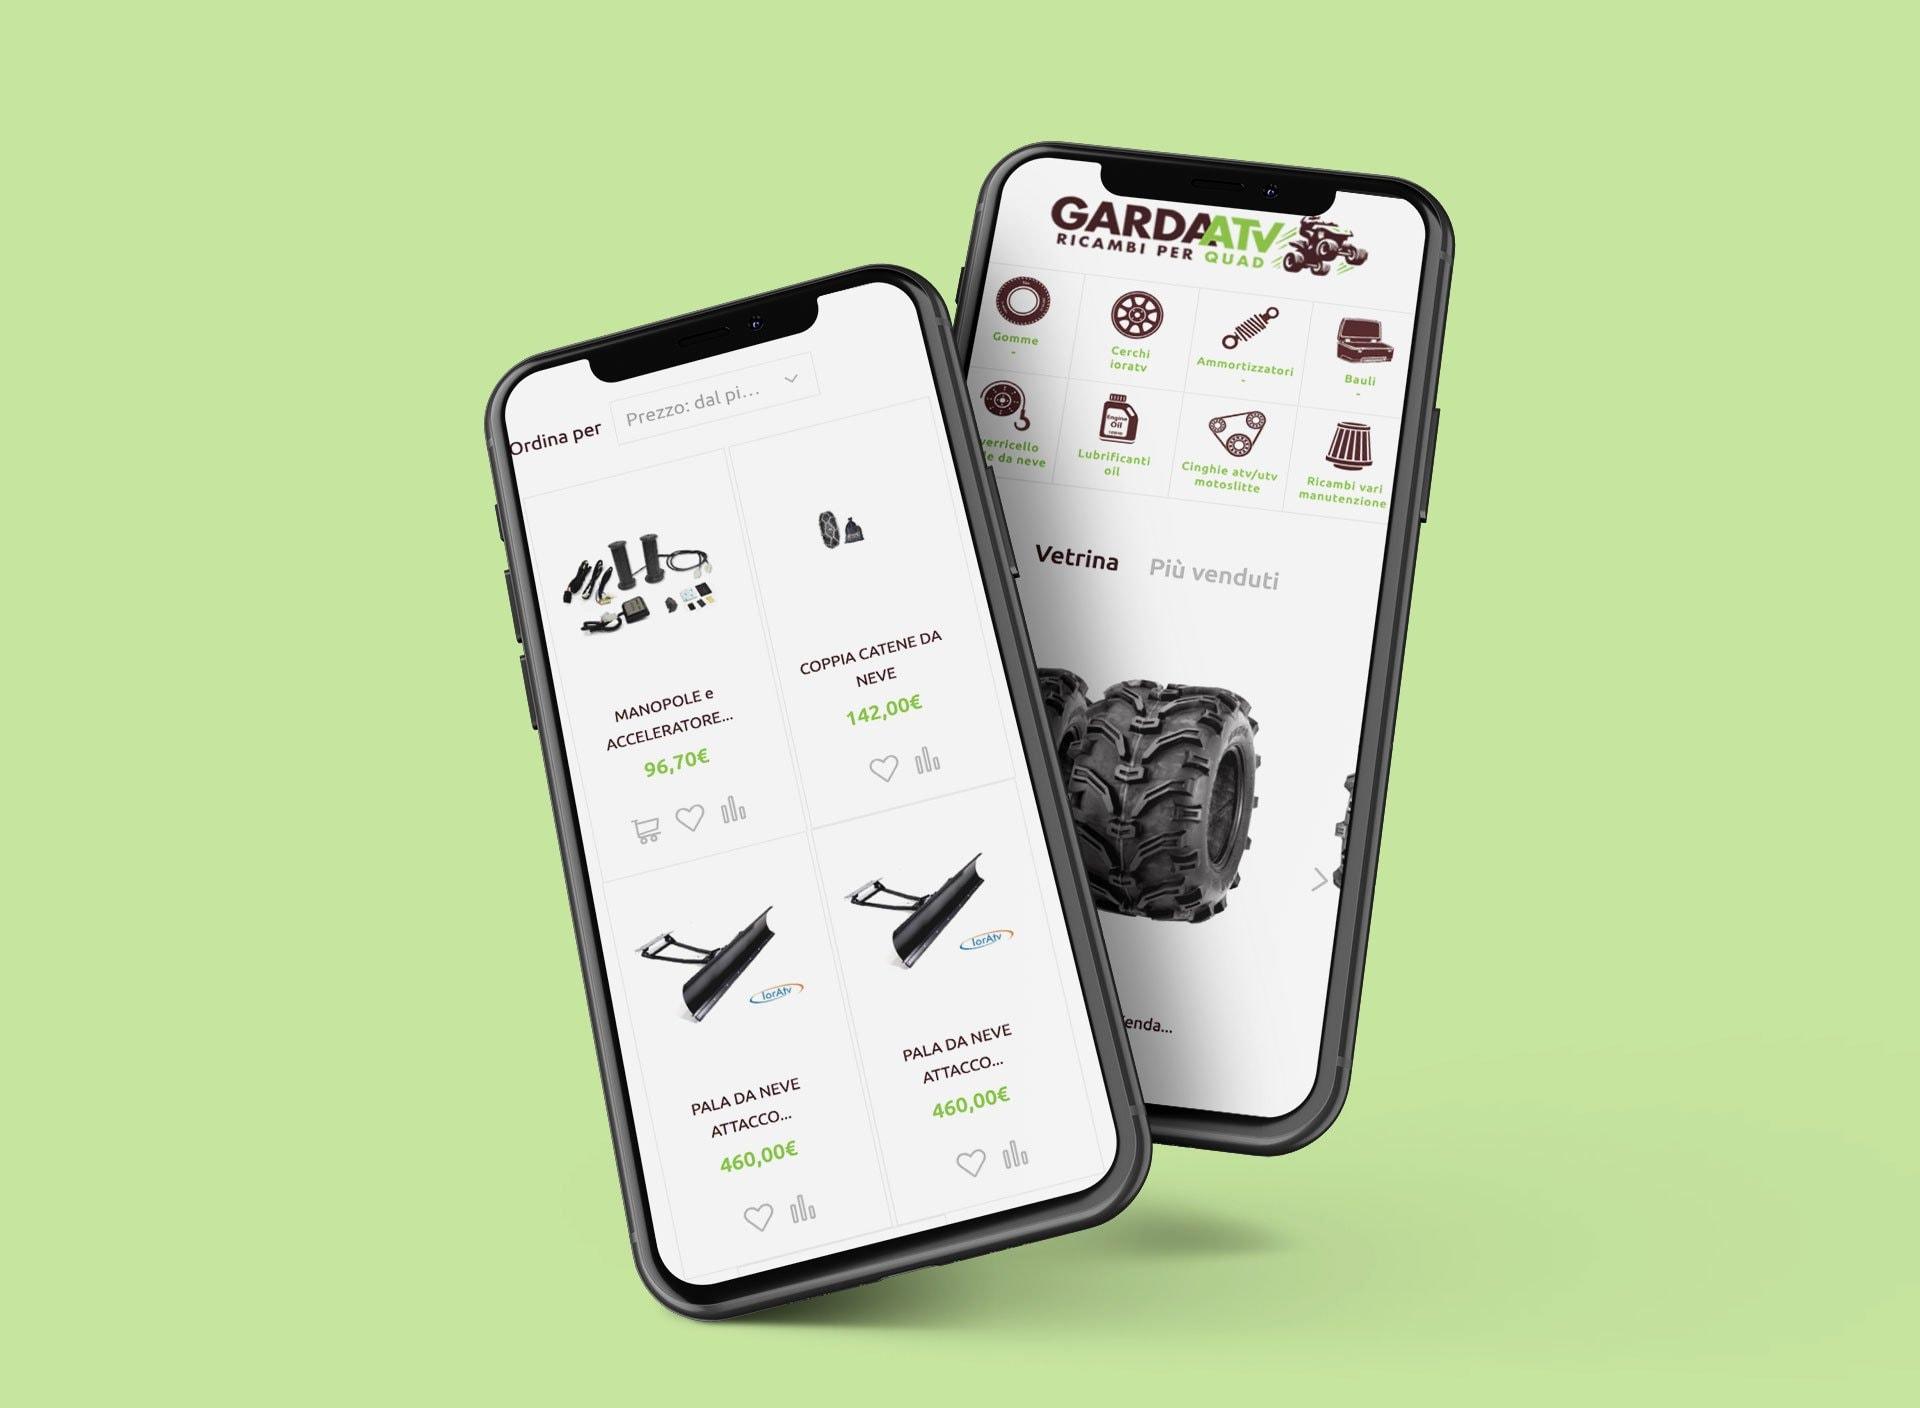 sitoweb-garda-atv-mobile